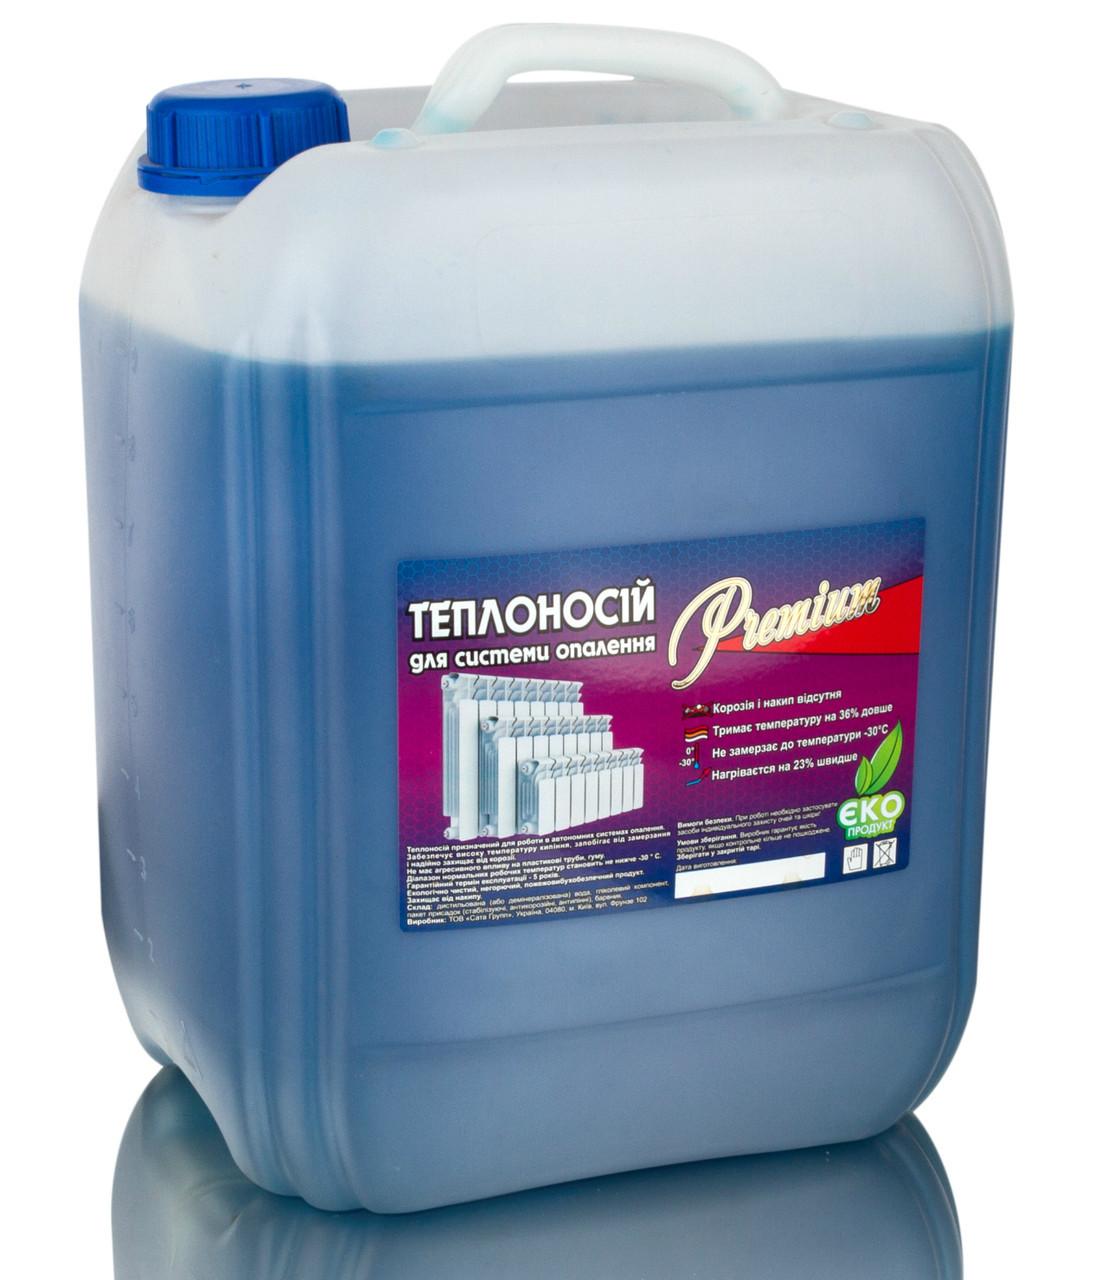 Теплоноситель для систем отопления TM Premium